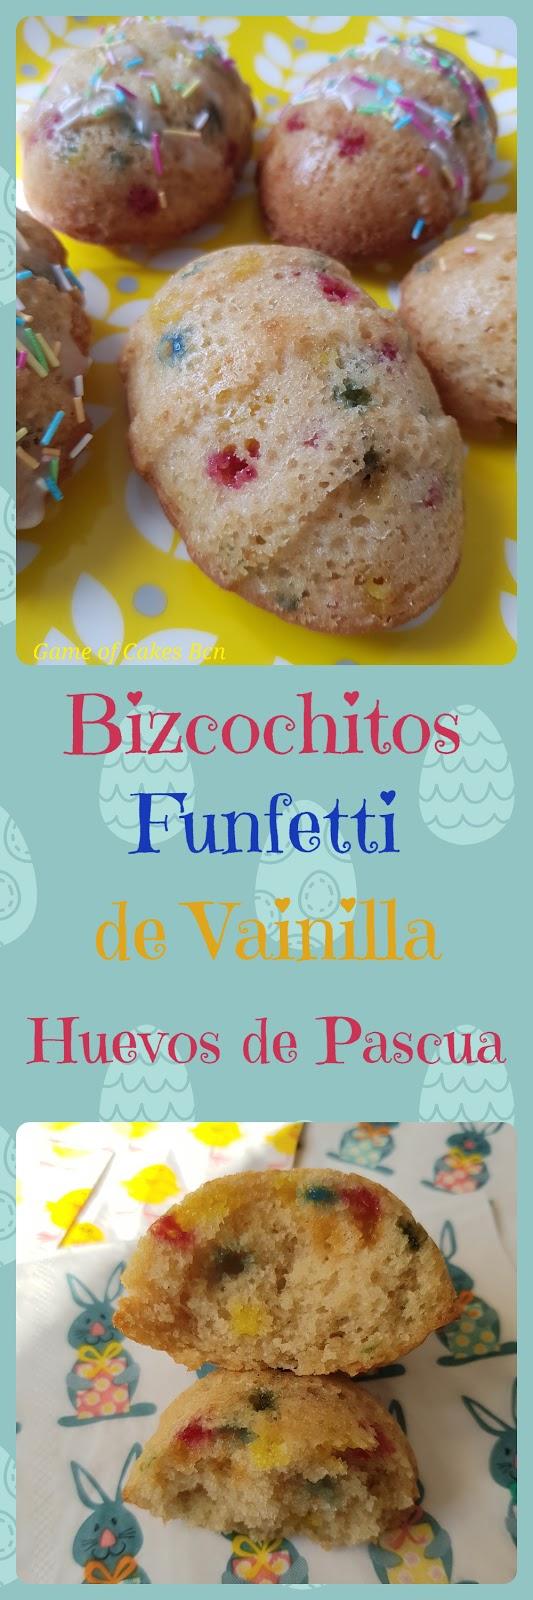 Bizcochitos funfetti huevos de Pascua Game of Cakes Bcn